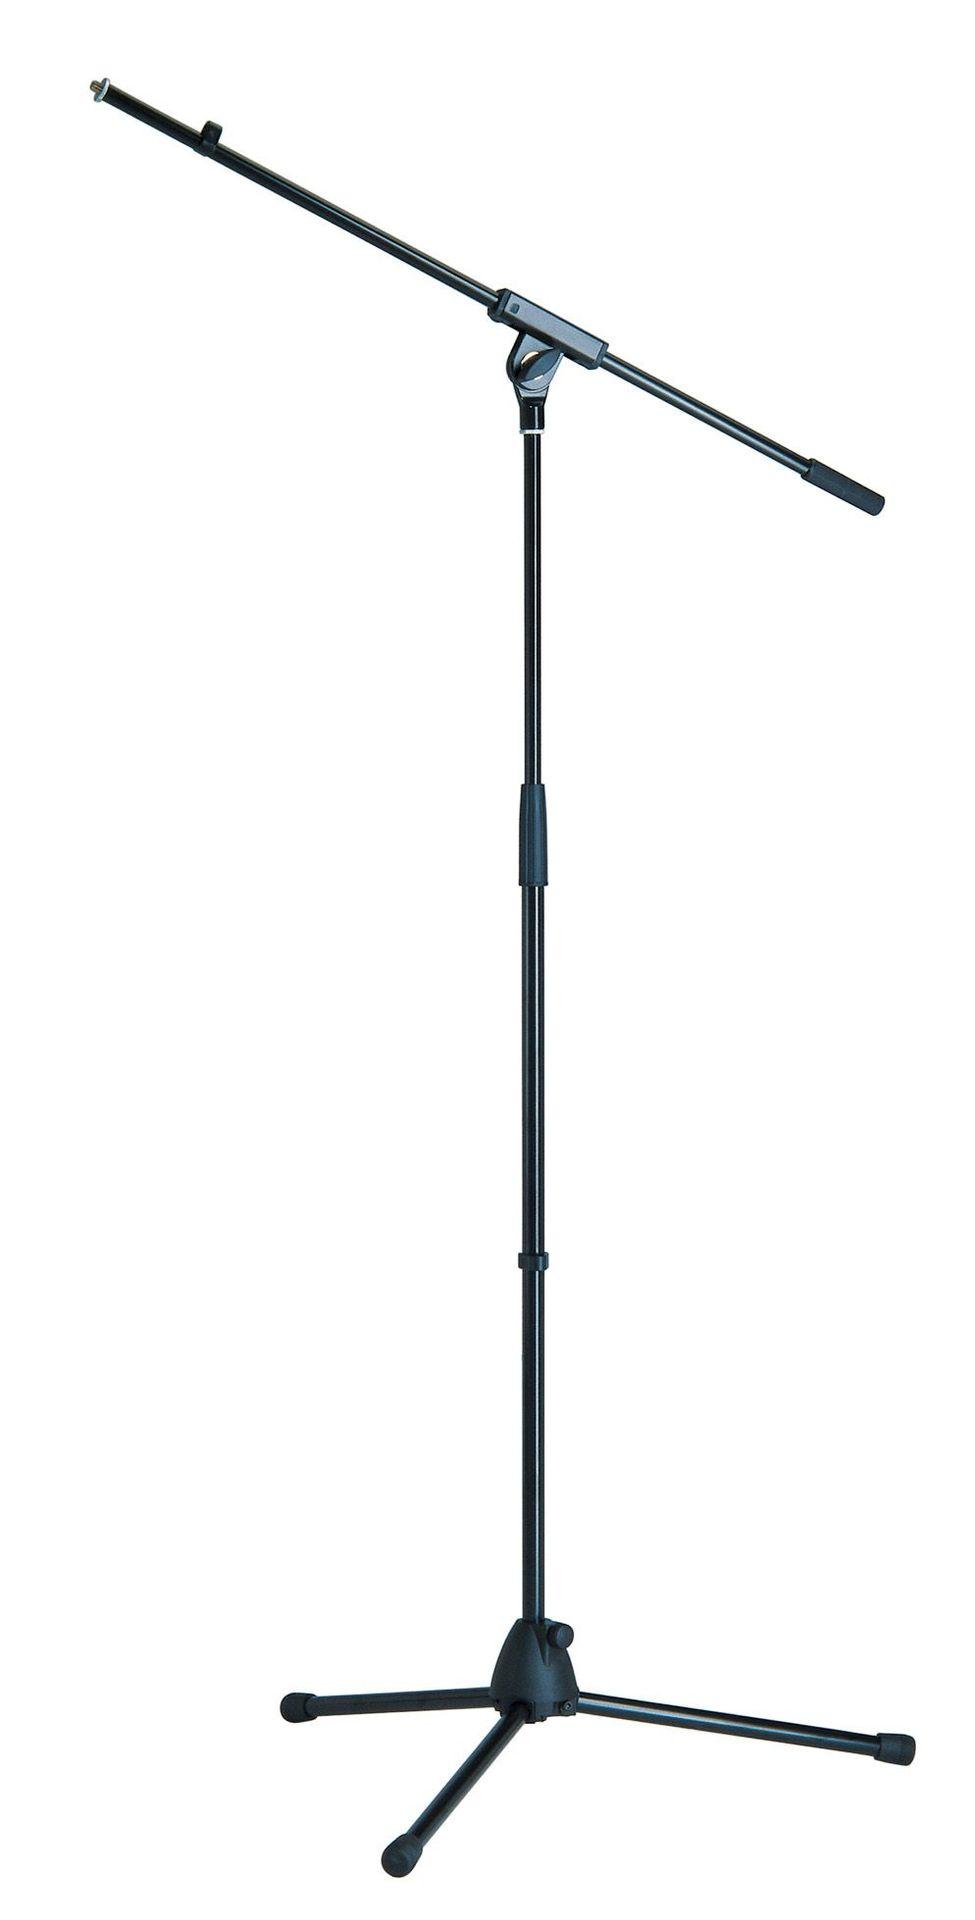 K&M 27105 Mikrofonstativ mit Schwenkarm schwarz